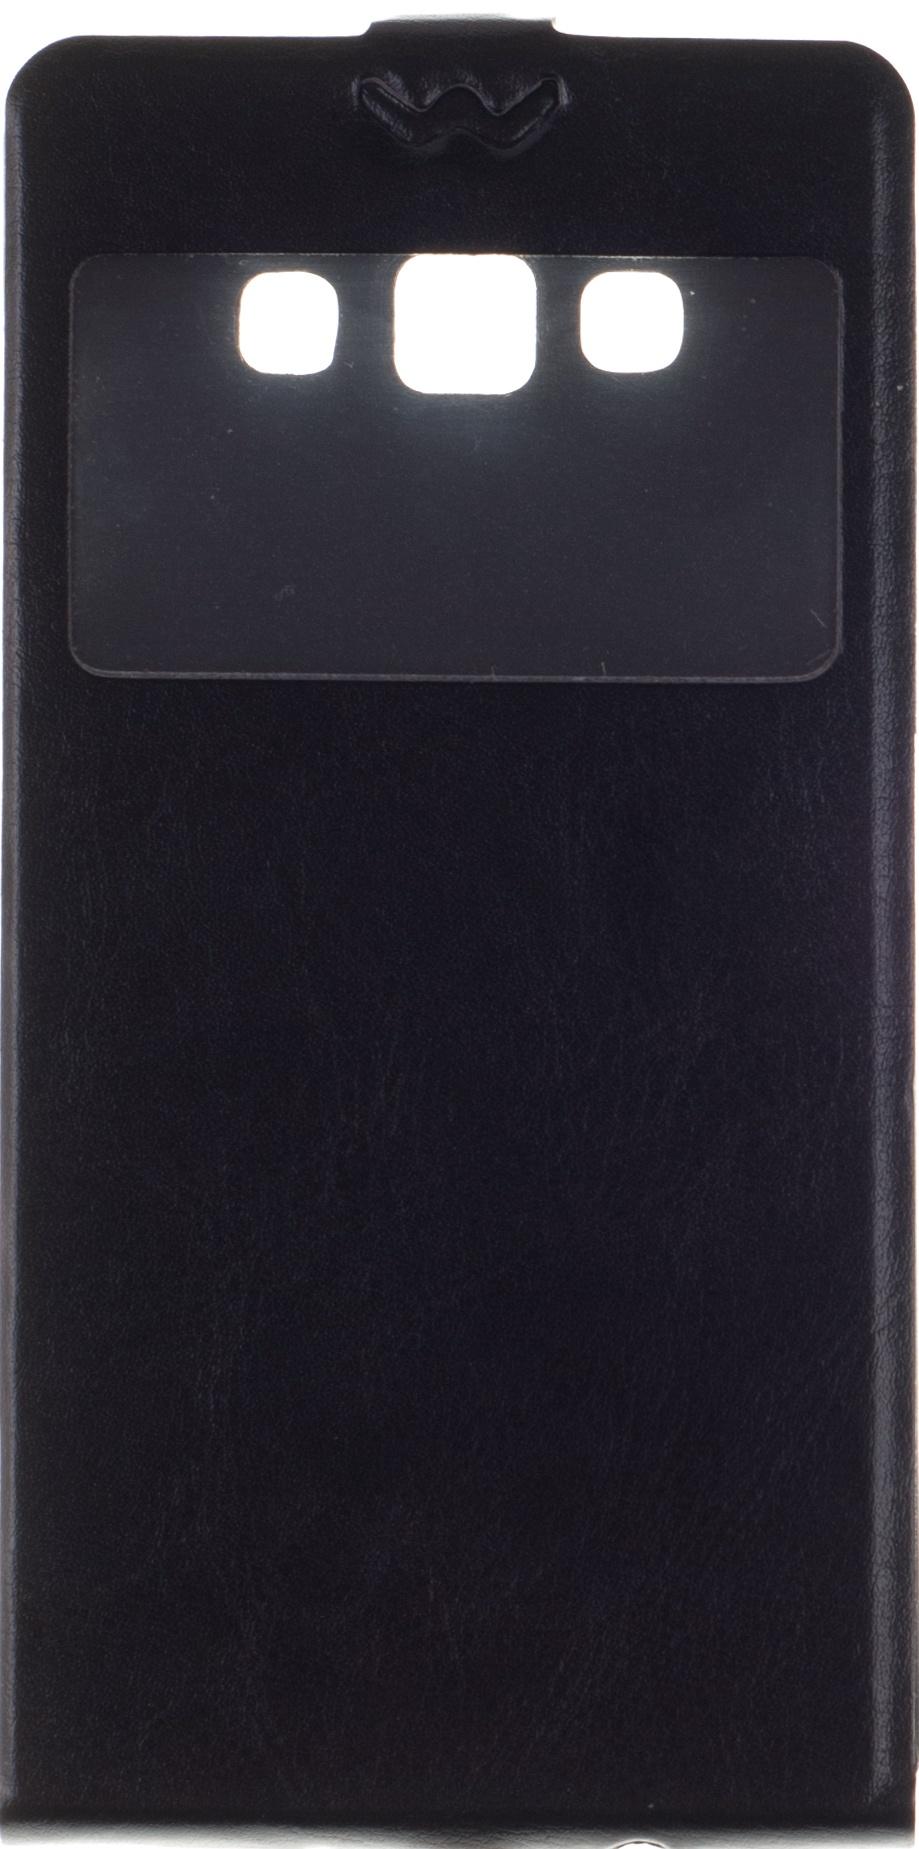 Чехол для сотового телефона skinBOX Flip slim AW, 4630042527065, черный чехол для сотового телефона skinbox flip slim 4660041407587 черный